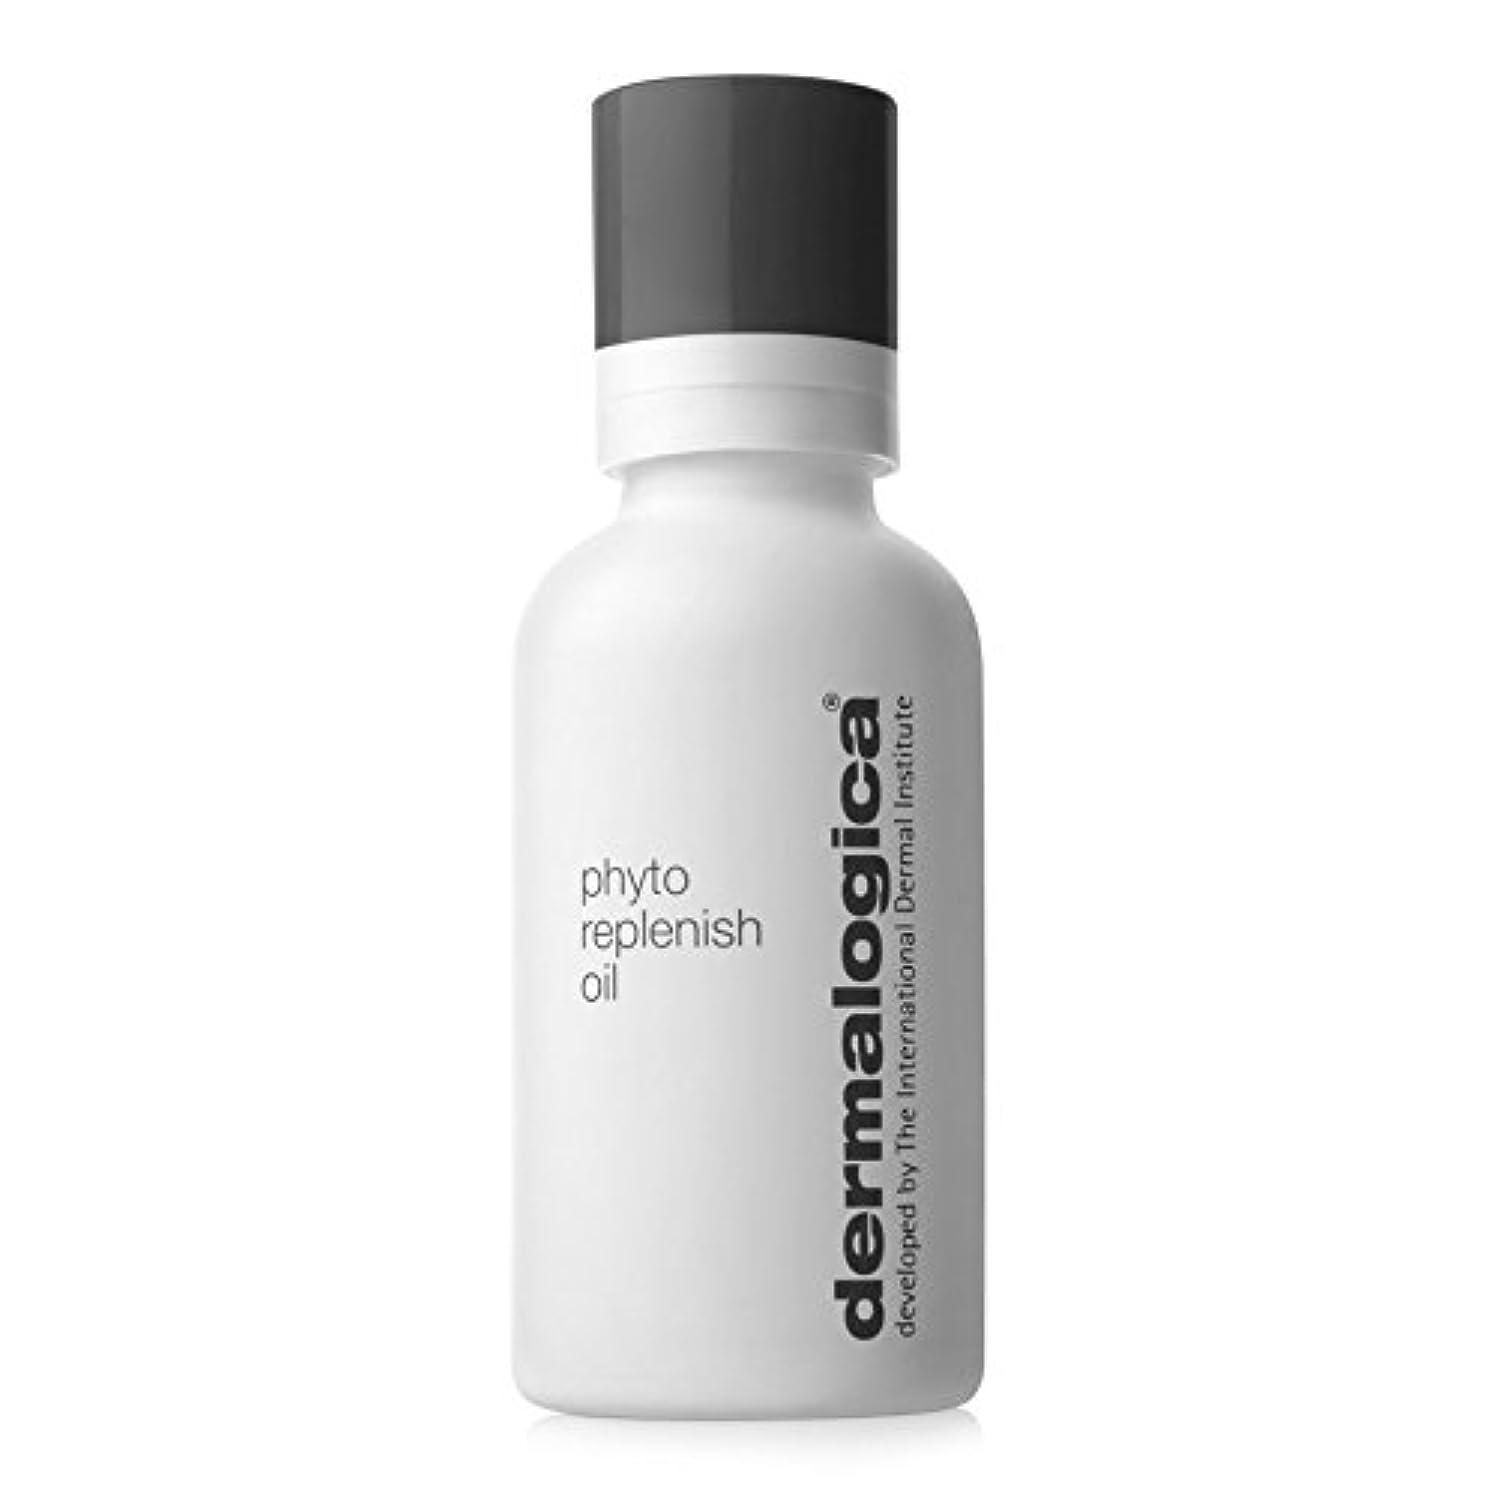 フルーツ猫背認可オイル30ミリリットルを補充ダーマロジカフィト x2 - Dermalogica Phyto Replenishing Oil 30ml (Pack of 2) [並行輸入品]